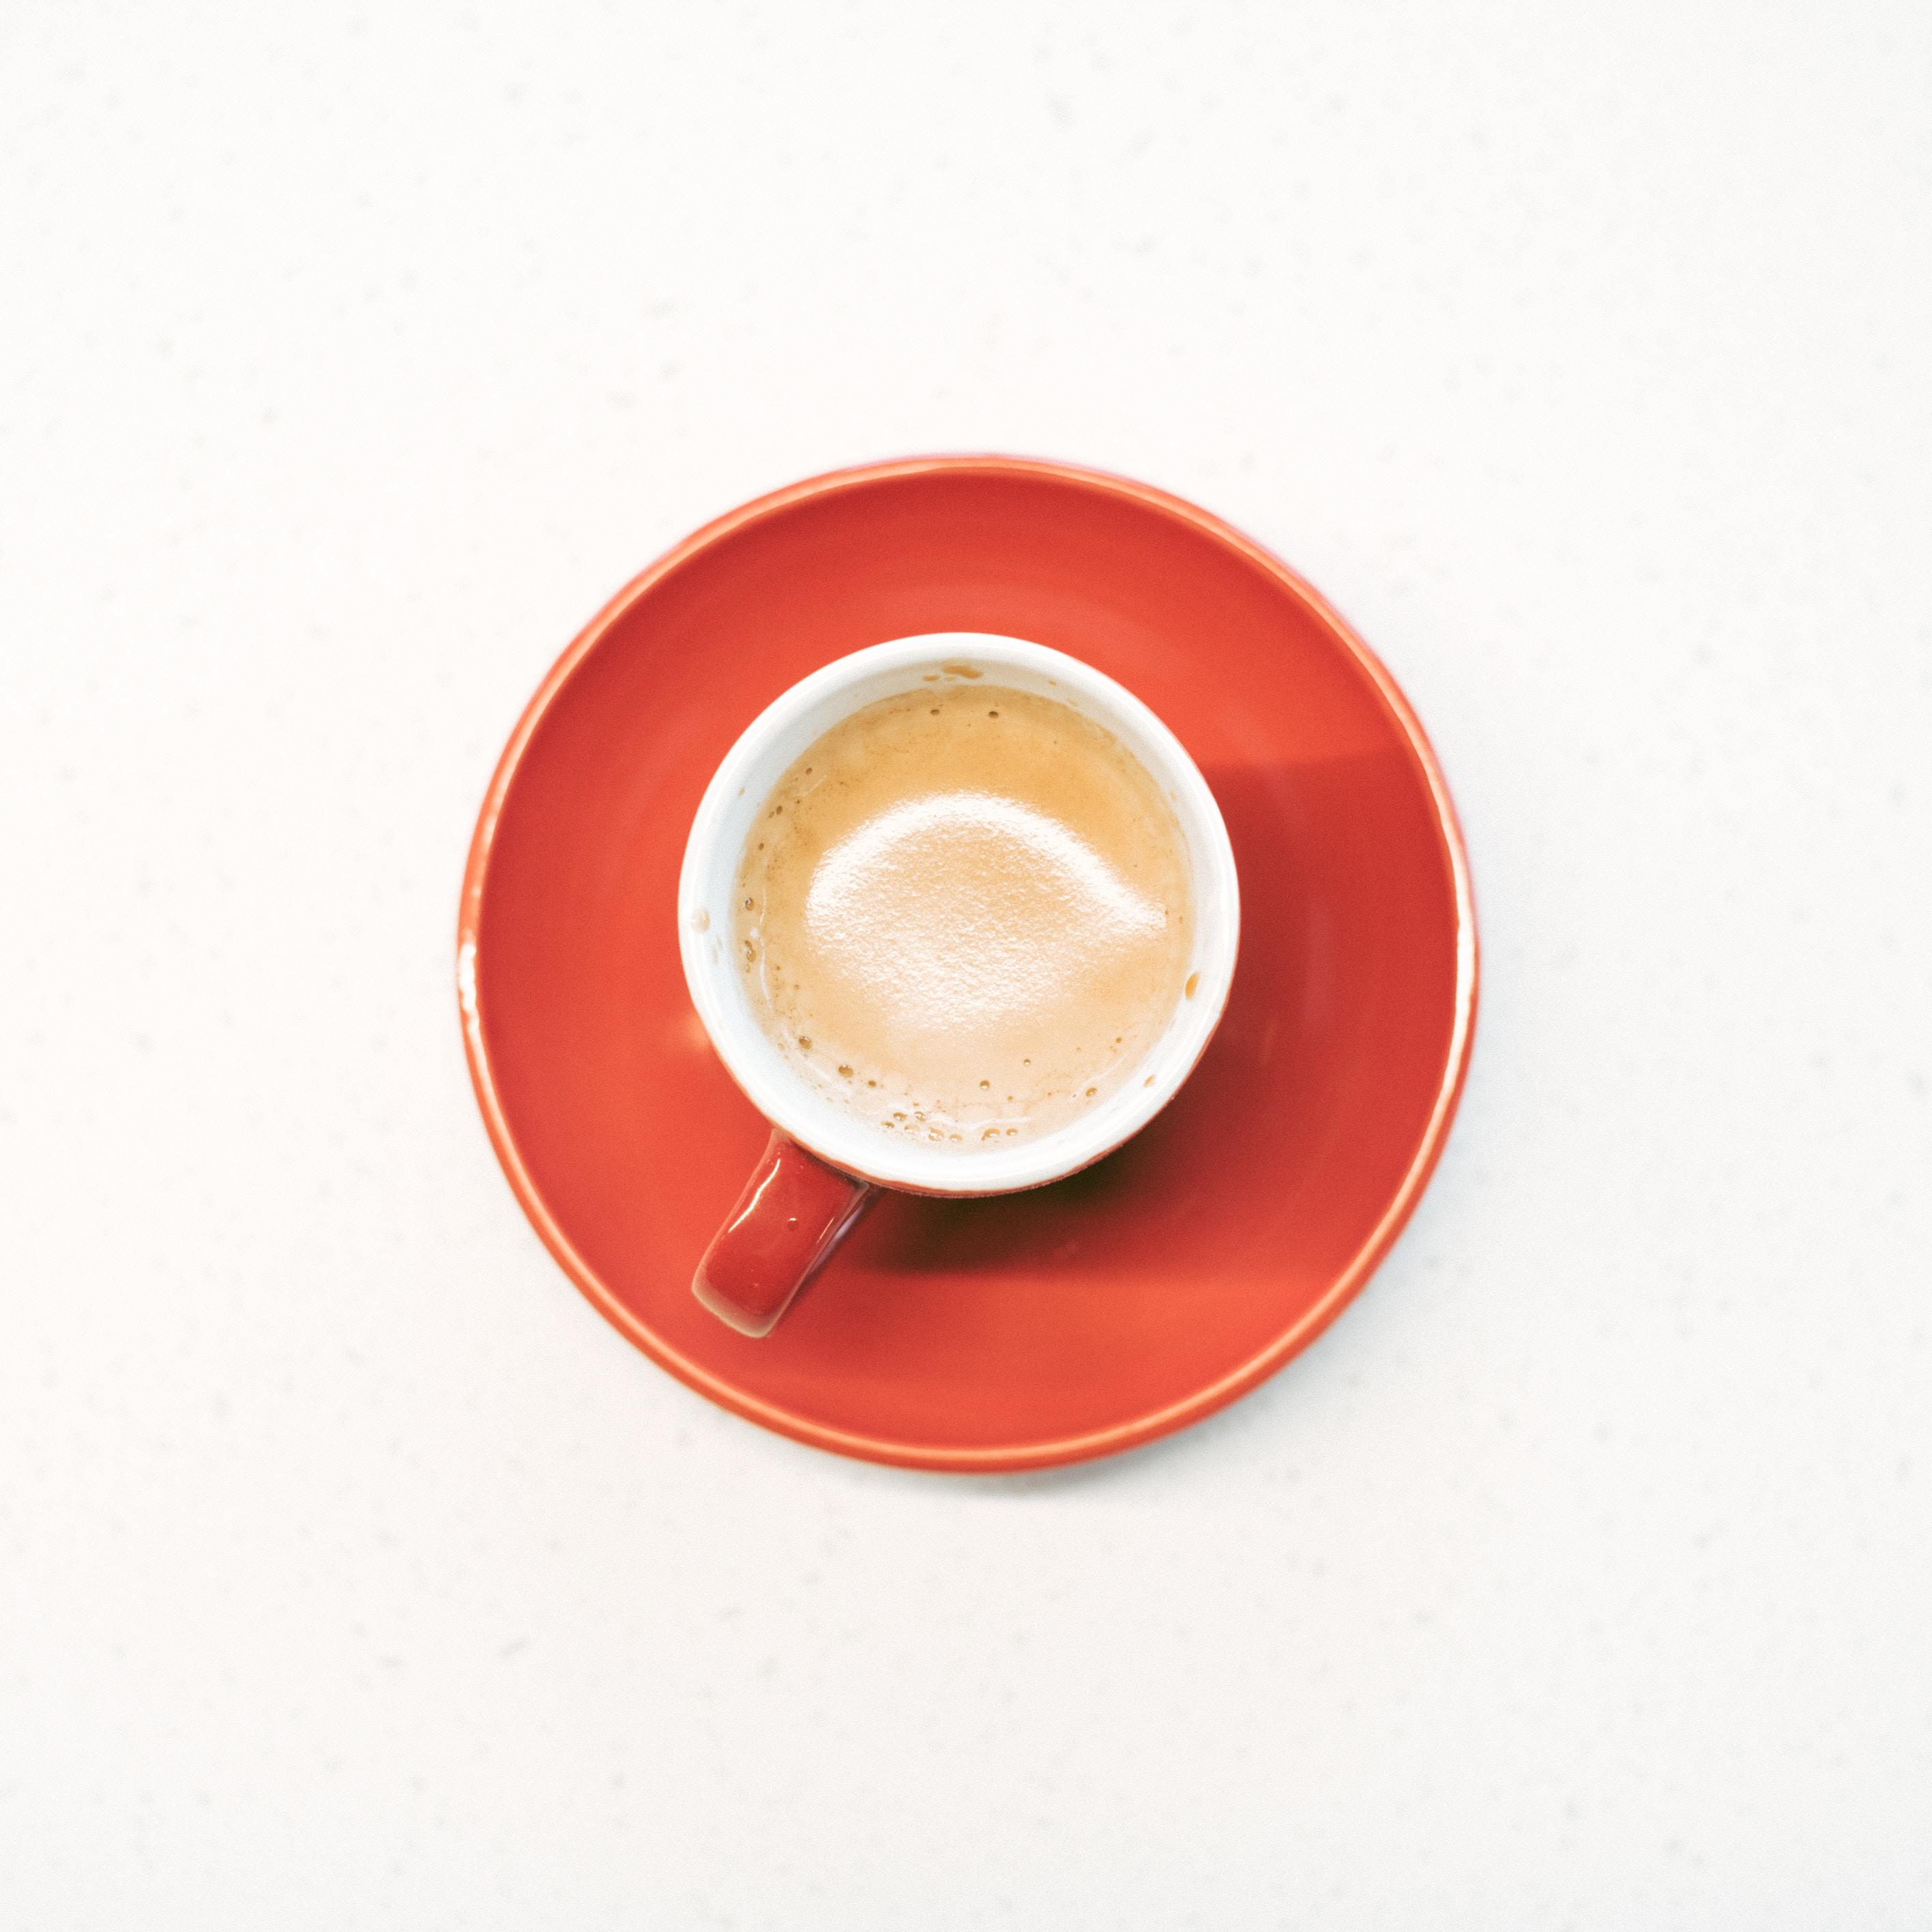 jak przygotować kawę bezkofeinową?